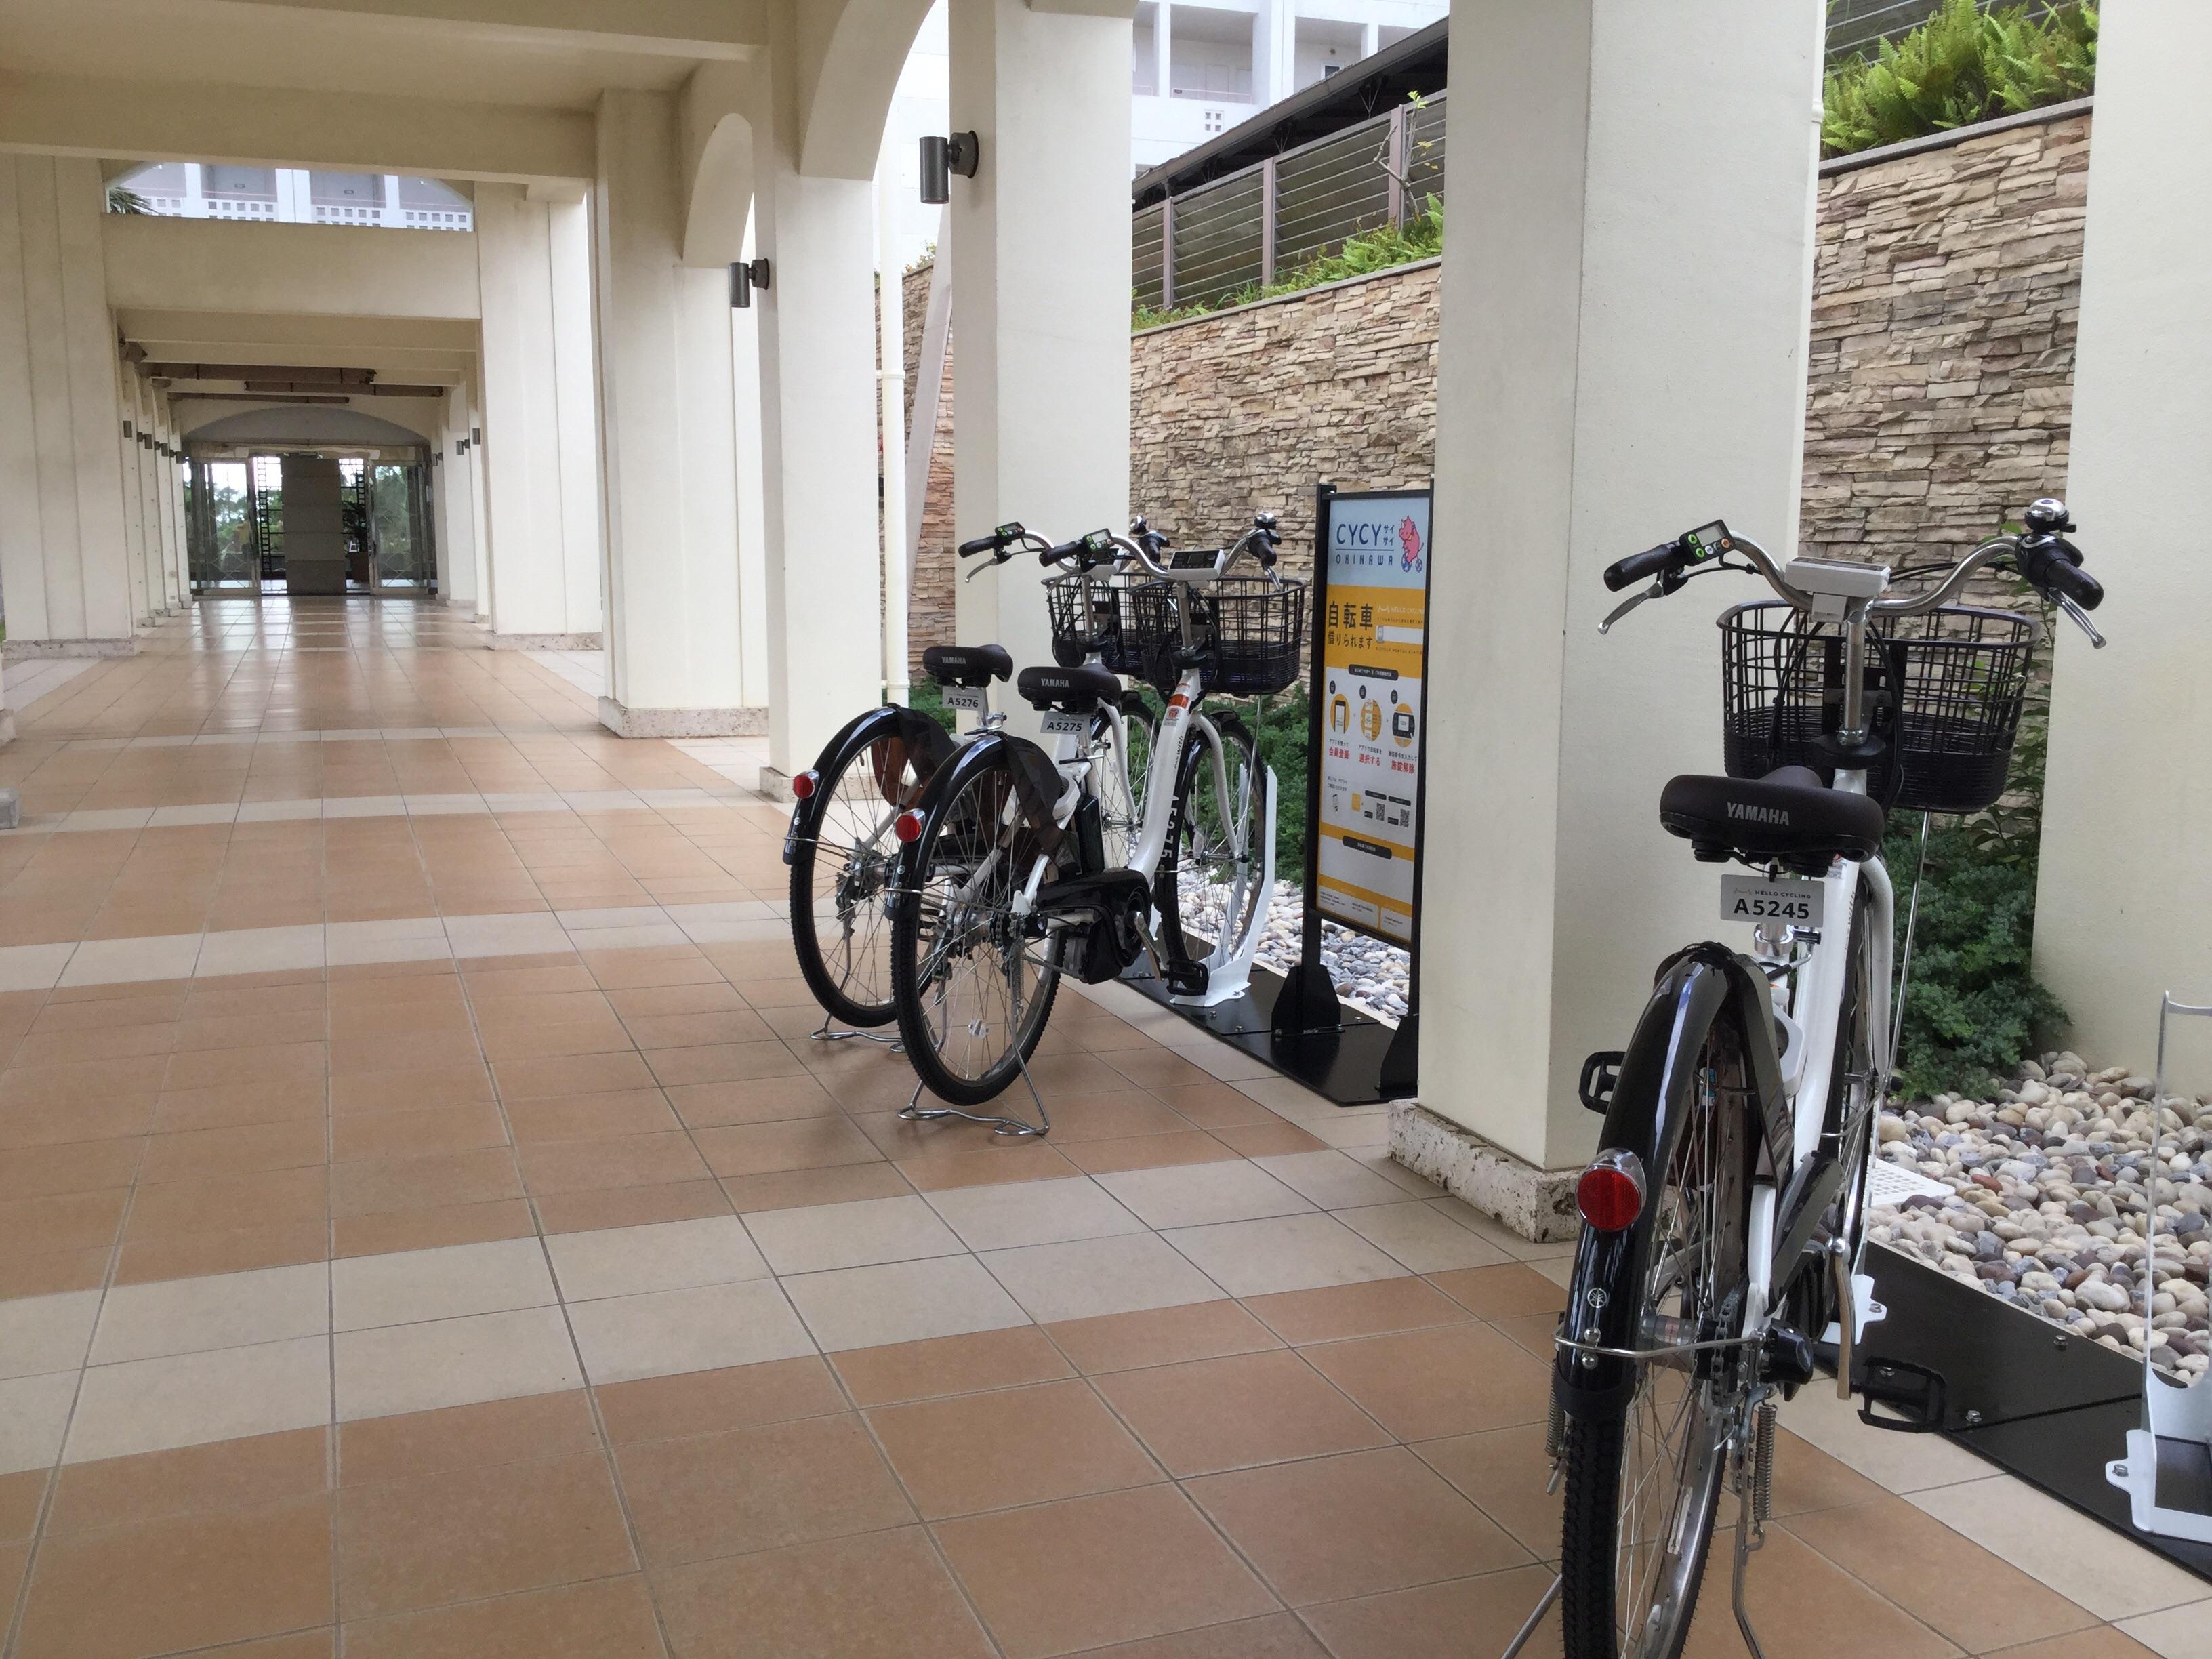 ホテルマハイナウェルネスリゾートオキナワ (HELLO CYCLING ポート) image